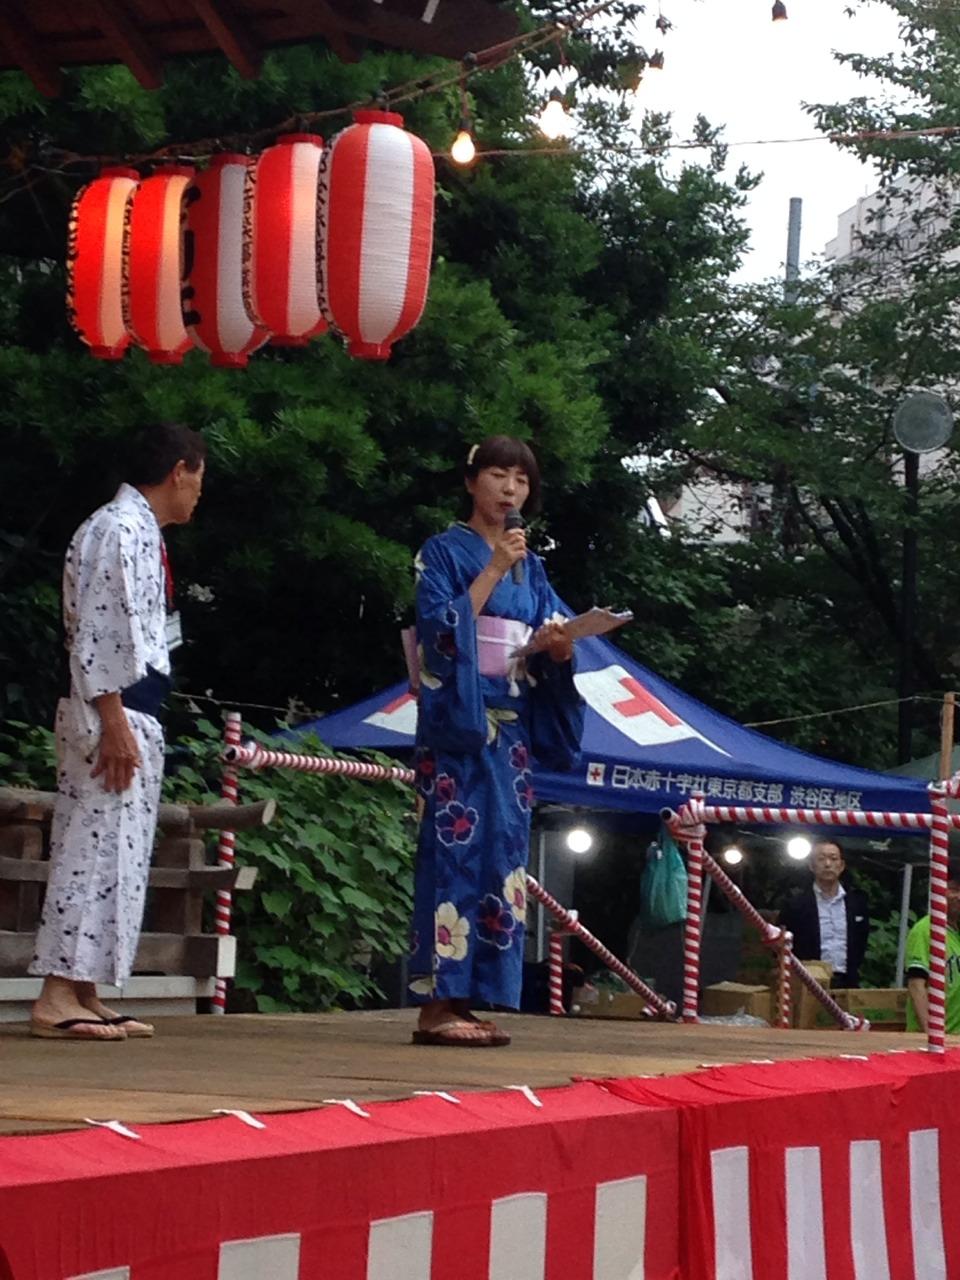 「姉さんと盆踊り」_a0075684_04189.jpg